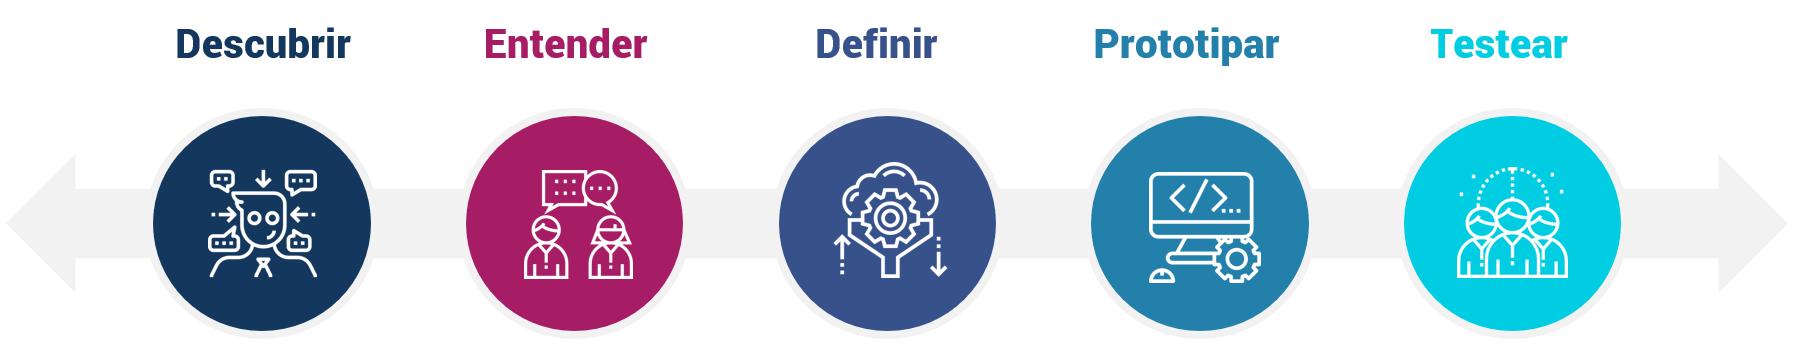 Esquema metodológico Design Thinking